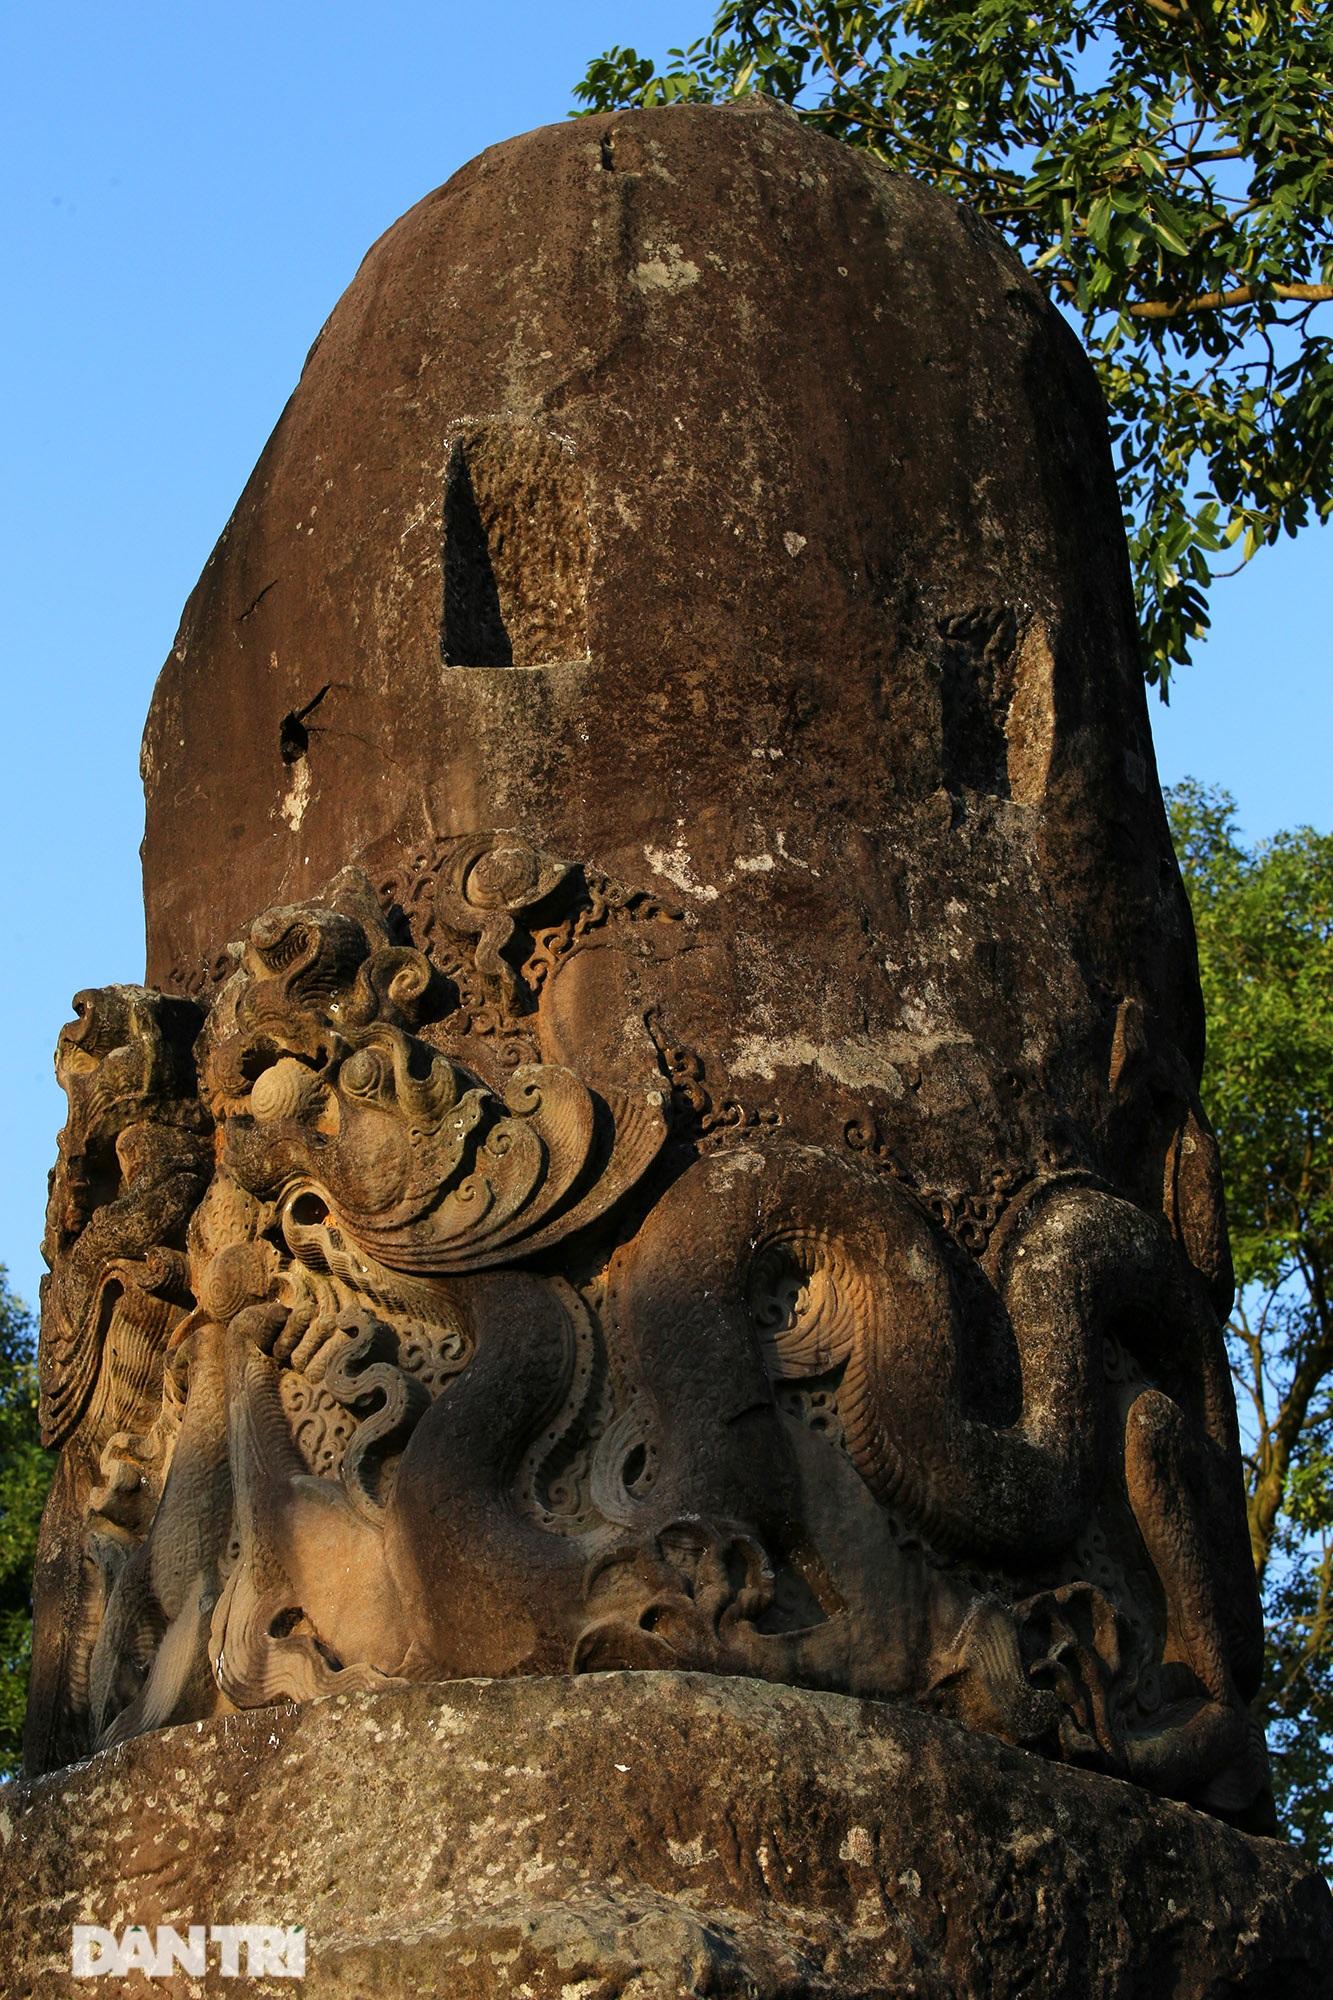 Bí ẩn cột đá nghìn năm tuổi bên sườn núi Đại Lãm, Bắc Ninh - 4